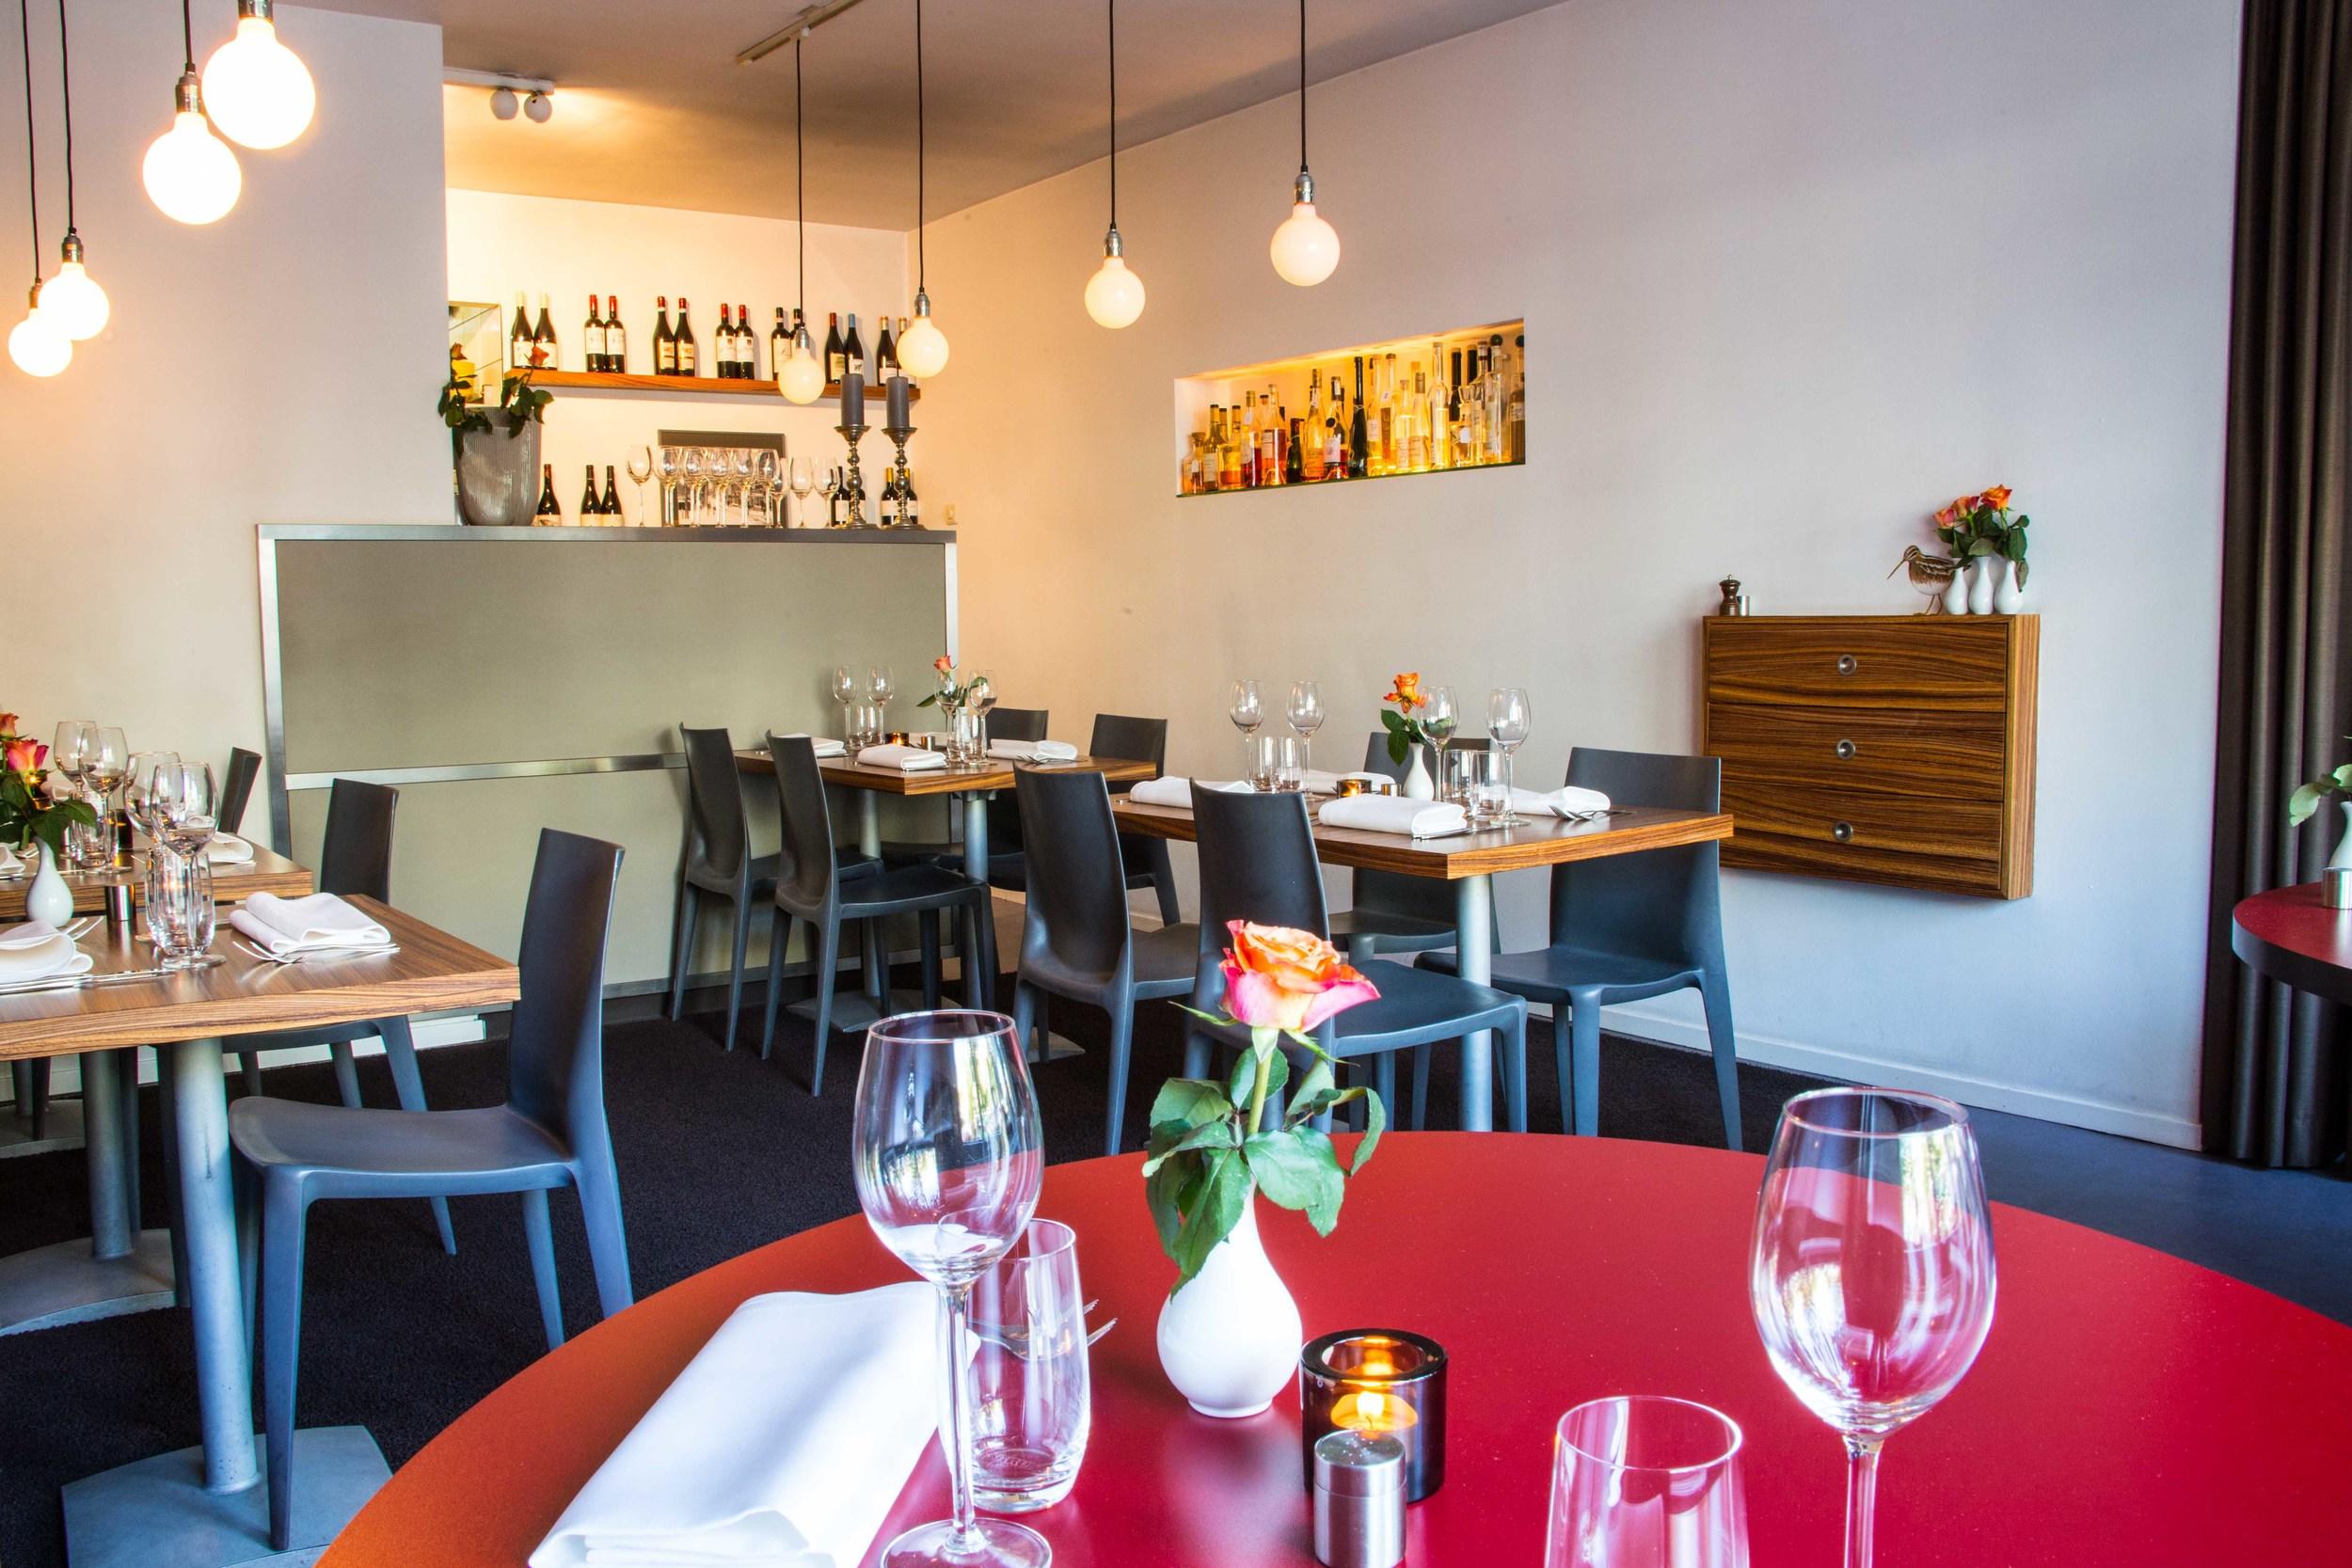 Restaurant Den Haag Centrum Scheveningen Gezellig Lekker Scheveningenlekker Restaurant In Het Centrum Restaurant Basaal Zoek Jij Restaurant Tips In Den Haag Of Scheveningen